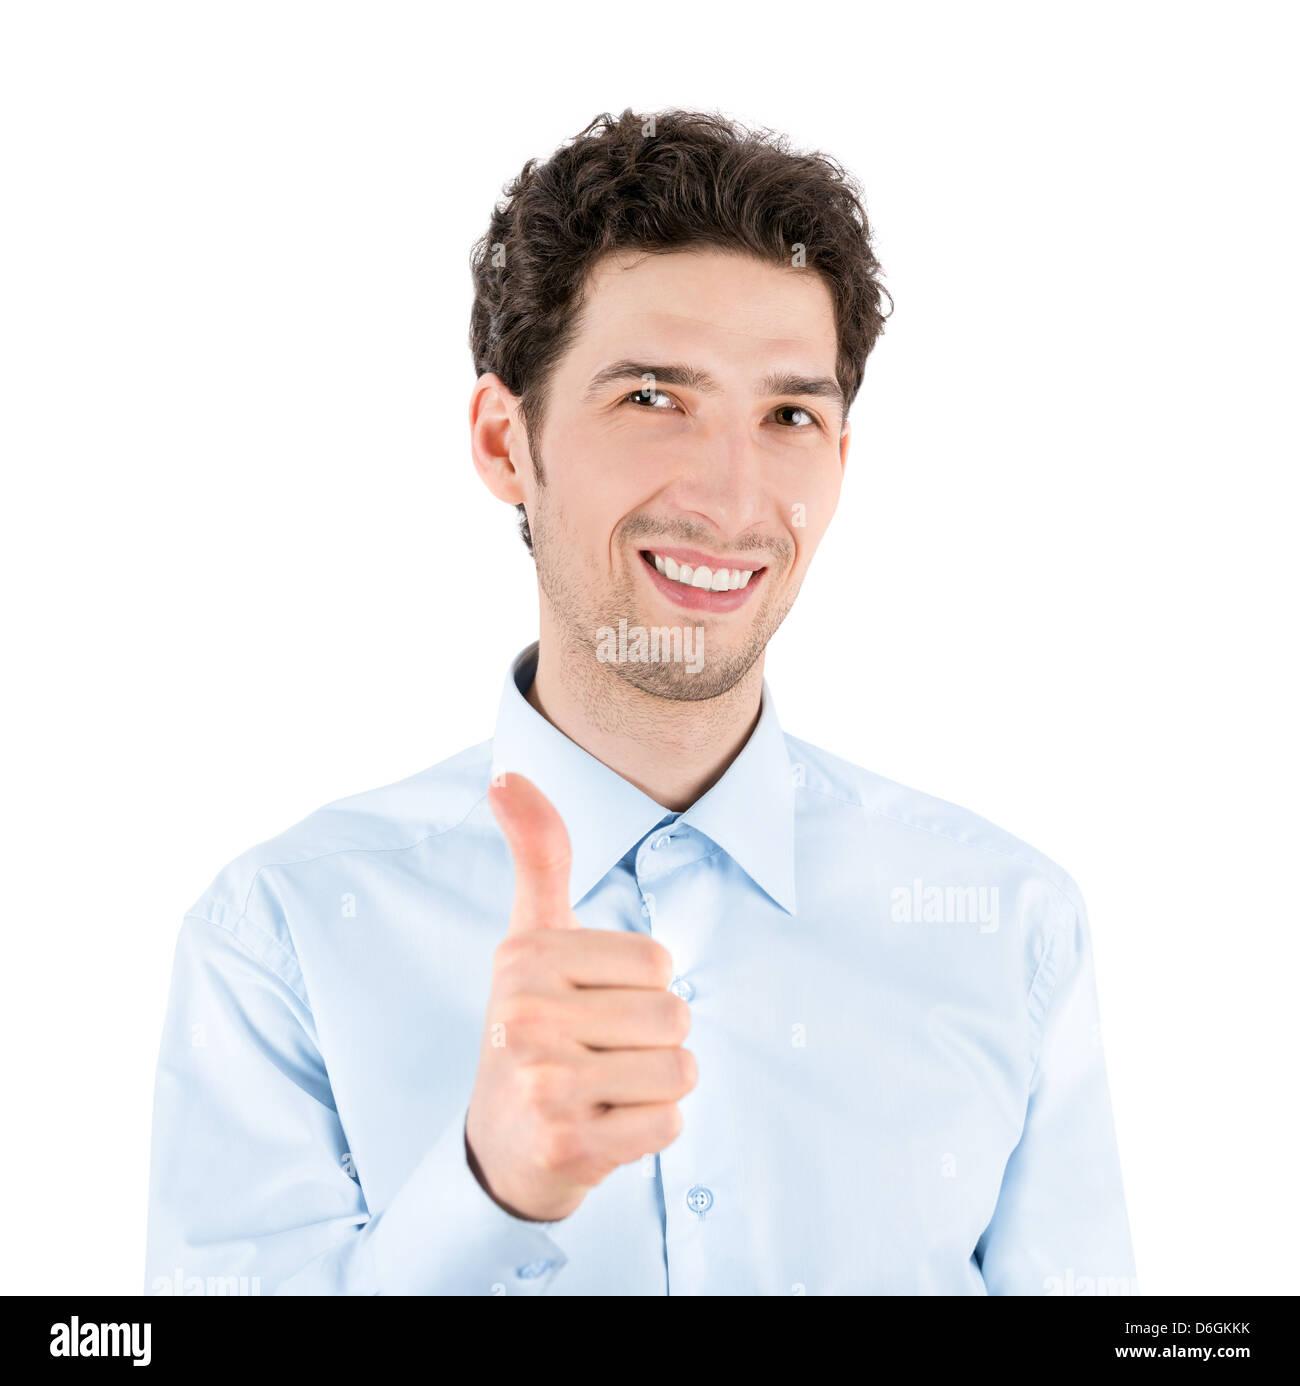 Close-up retrato de un exitoso empresario guapo que sonríe y muestra un gesto hacia arriba con el pulgar a Imagen De Stock